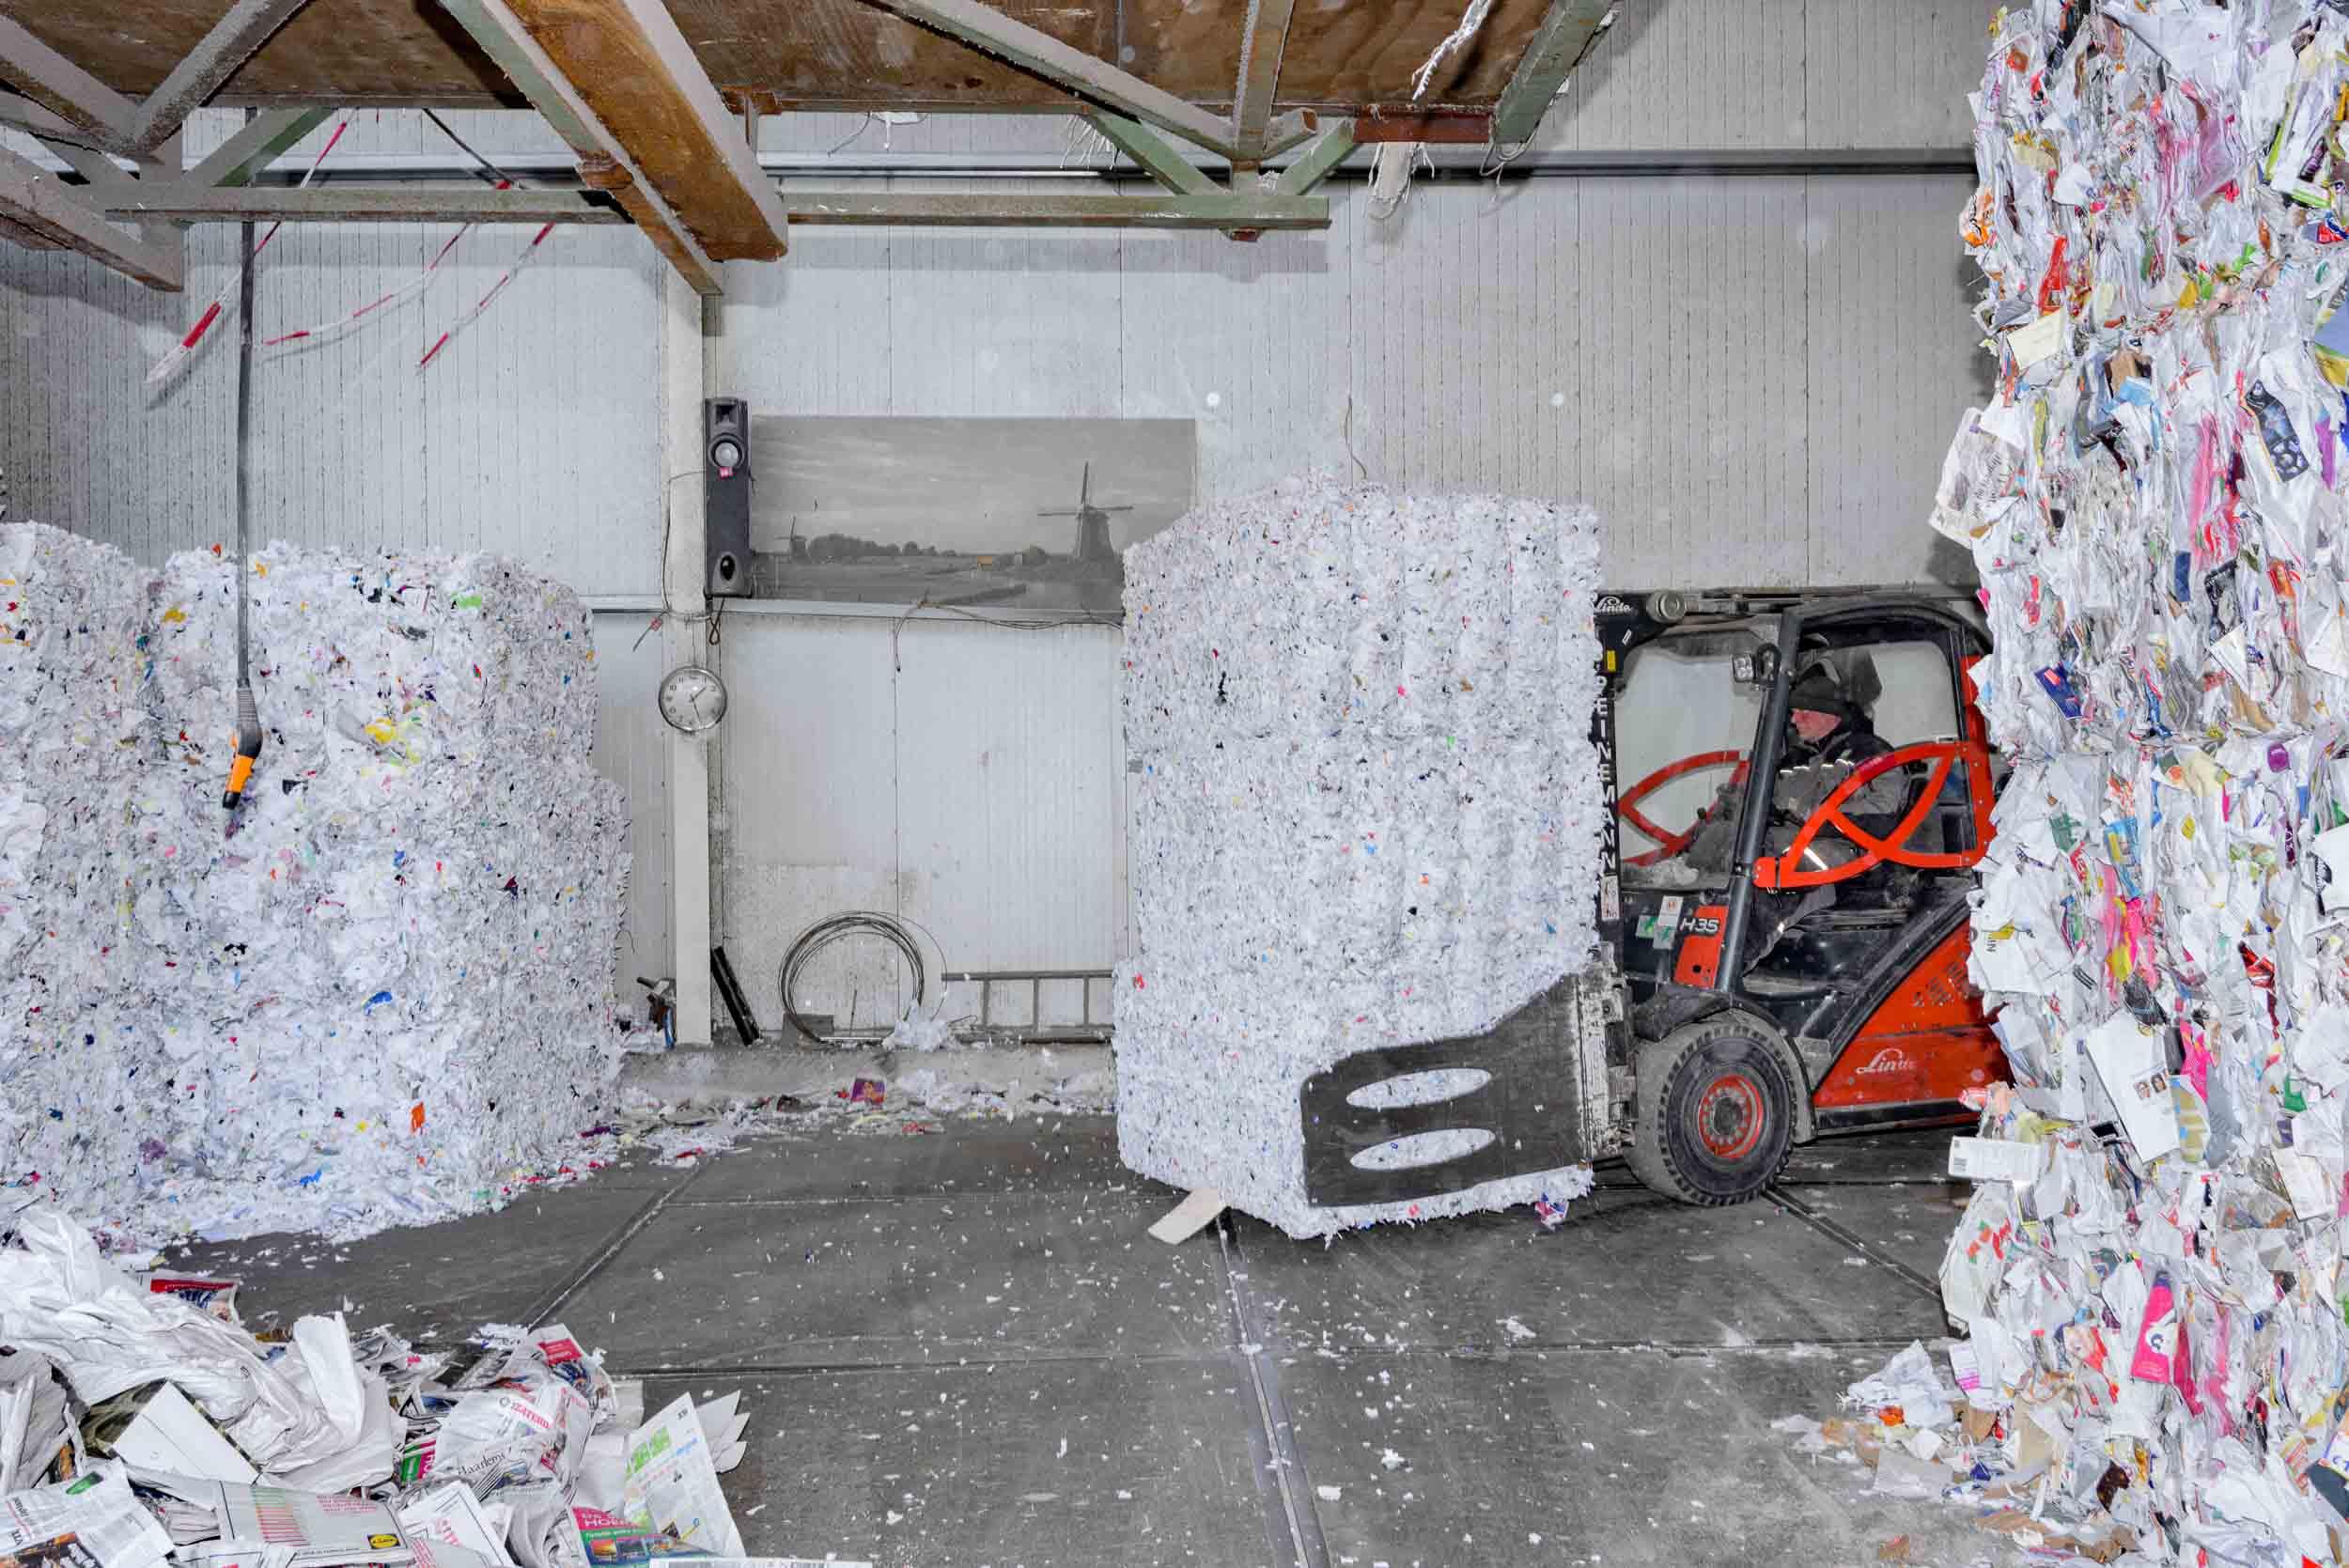 papierrecycling amsterdam, voor de correspondent, met Johnas van Lammeren PvdD